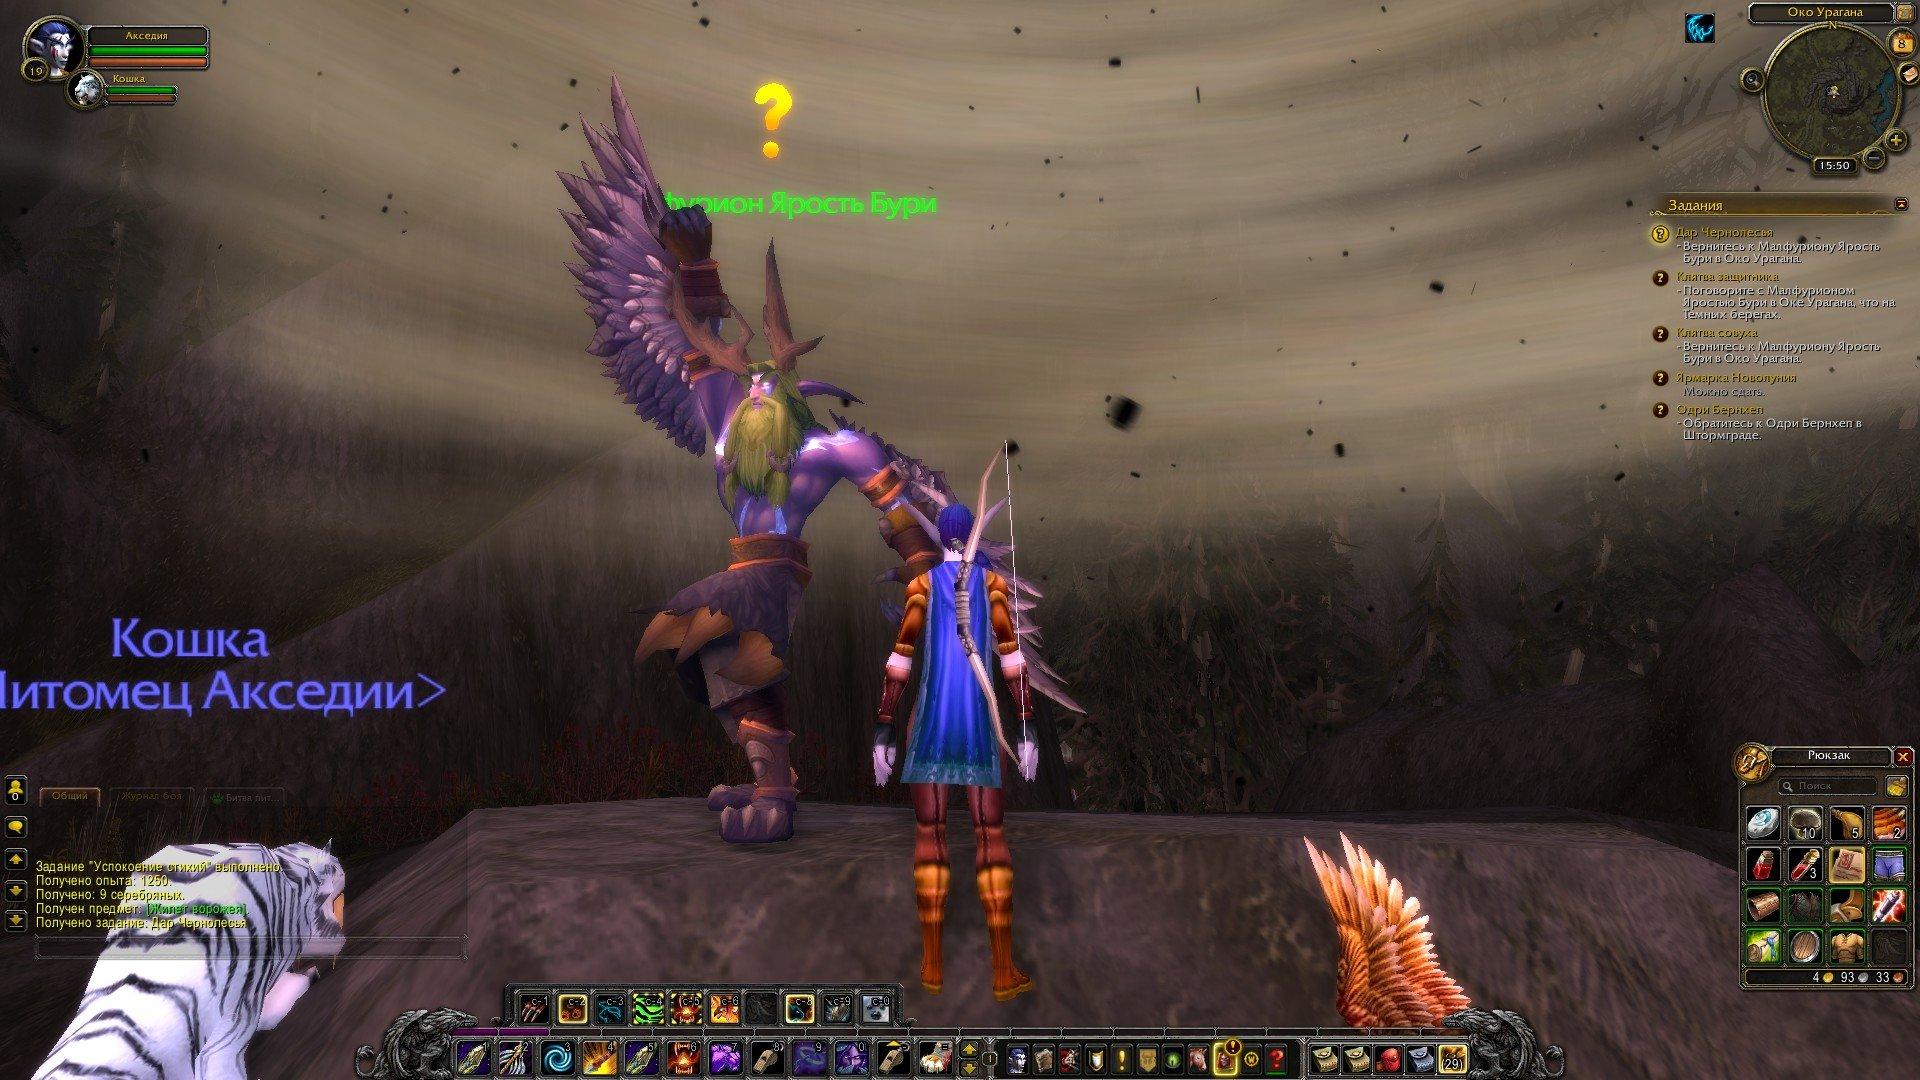 Путешествие по World of Warcraft ... Ночной Эльф. Глава 2. - Изображение 16